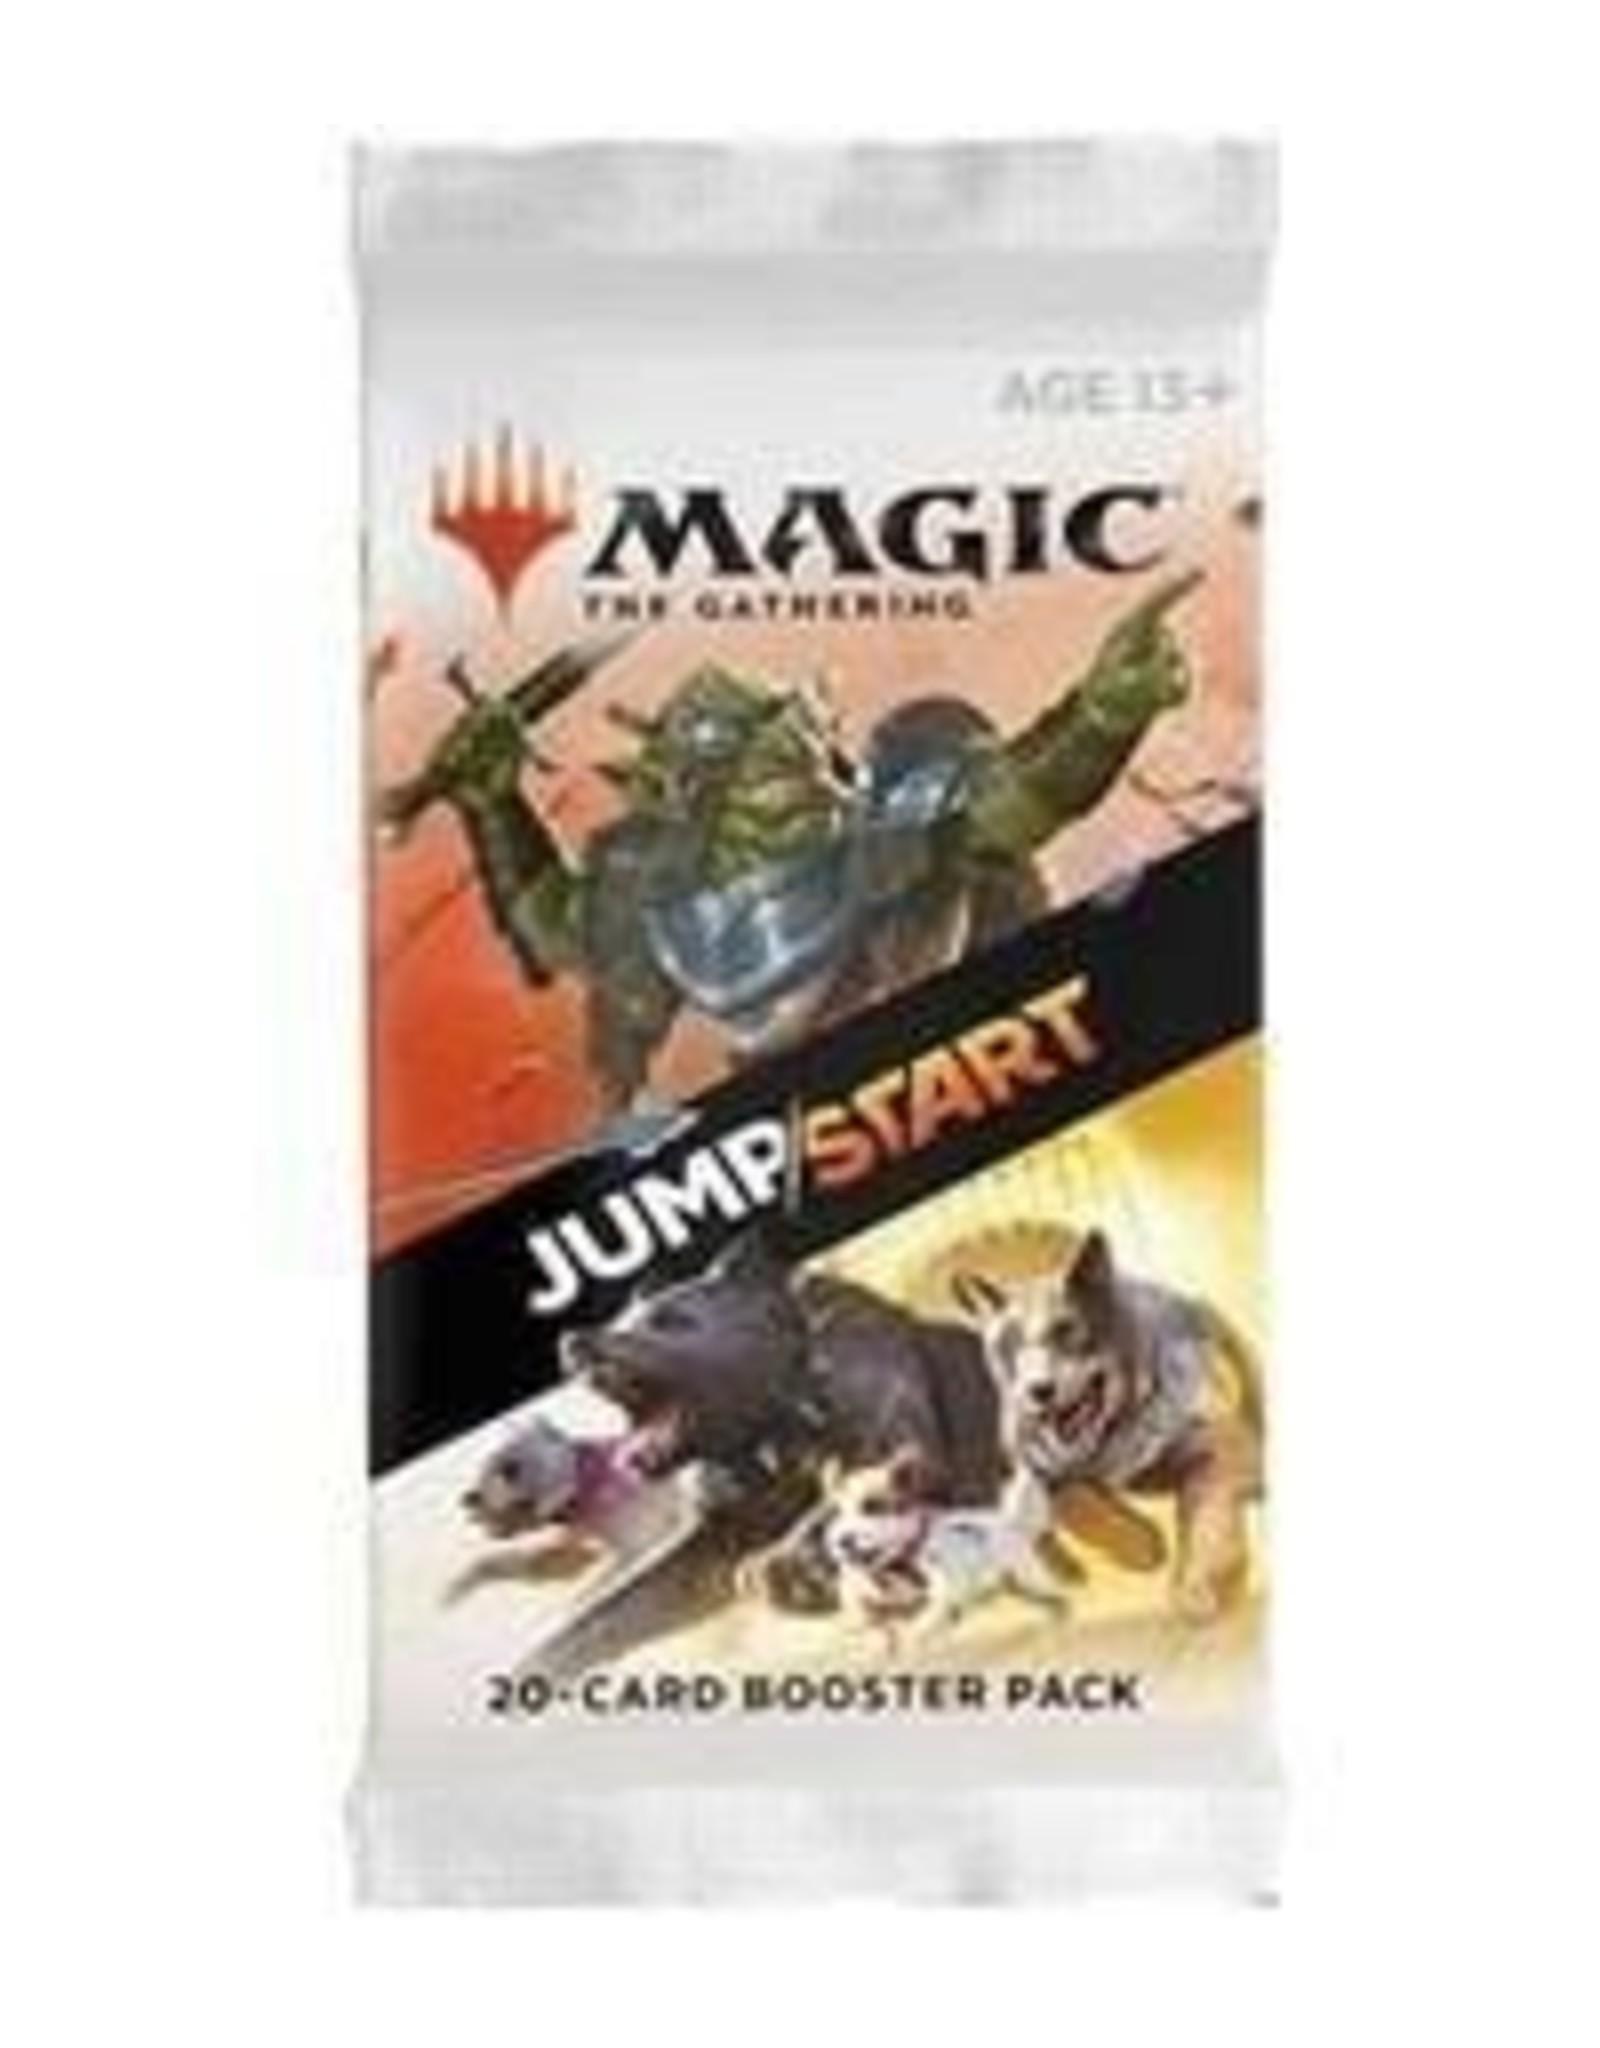 Magic Magic the Gathering CCG: Jumpstart Booster